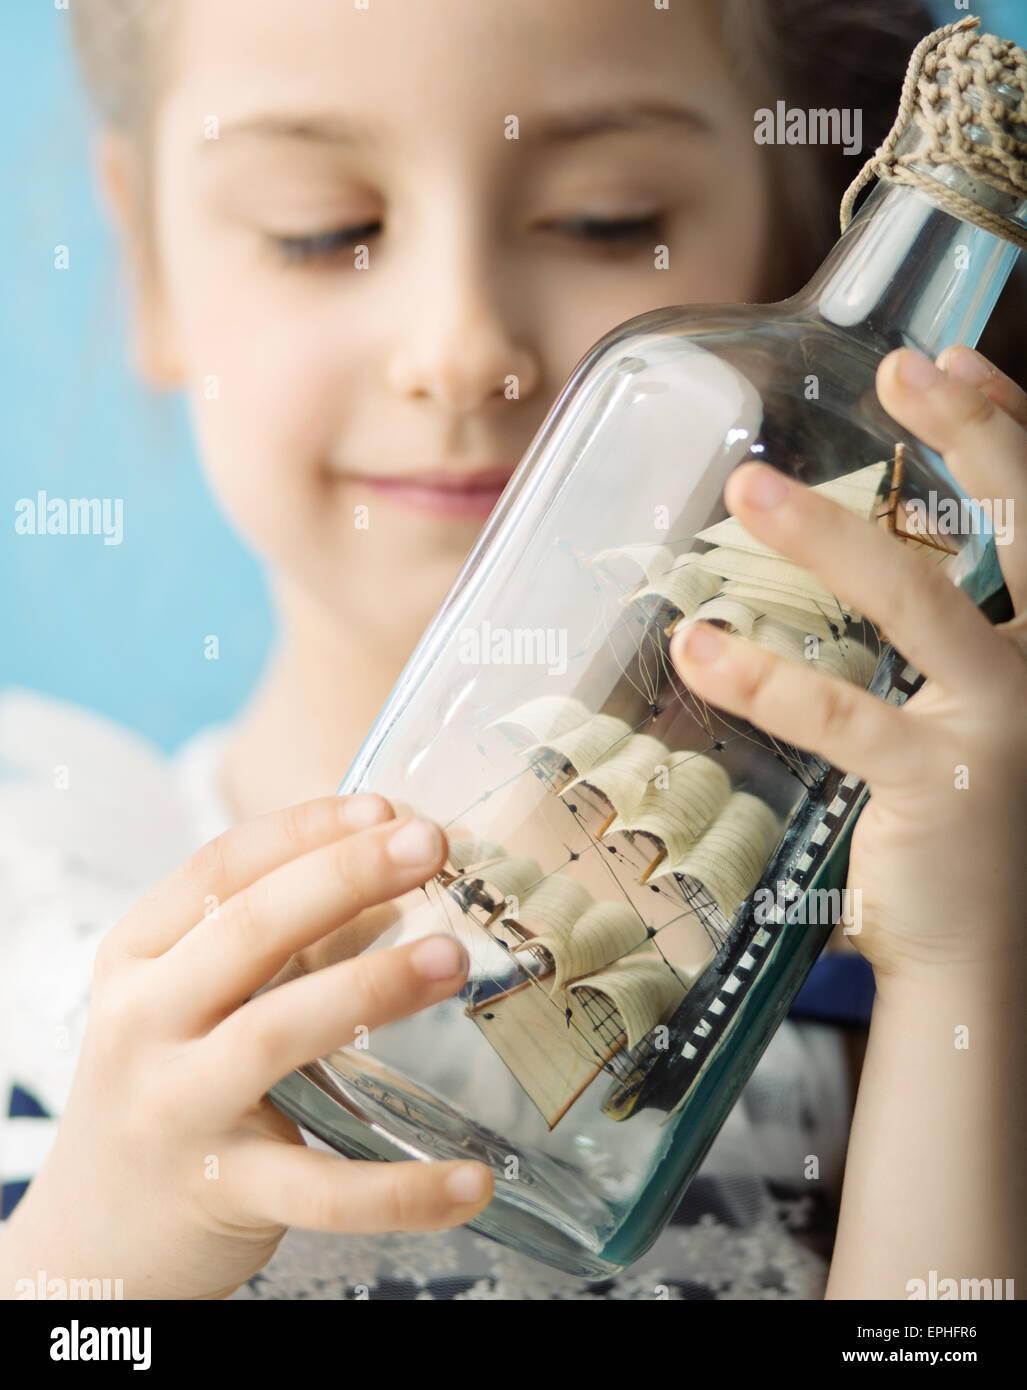 Menina segurando um brinquedo navio em garrafa Imagens de Stock